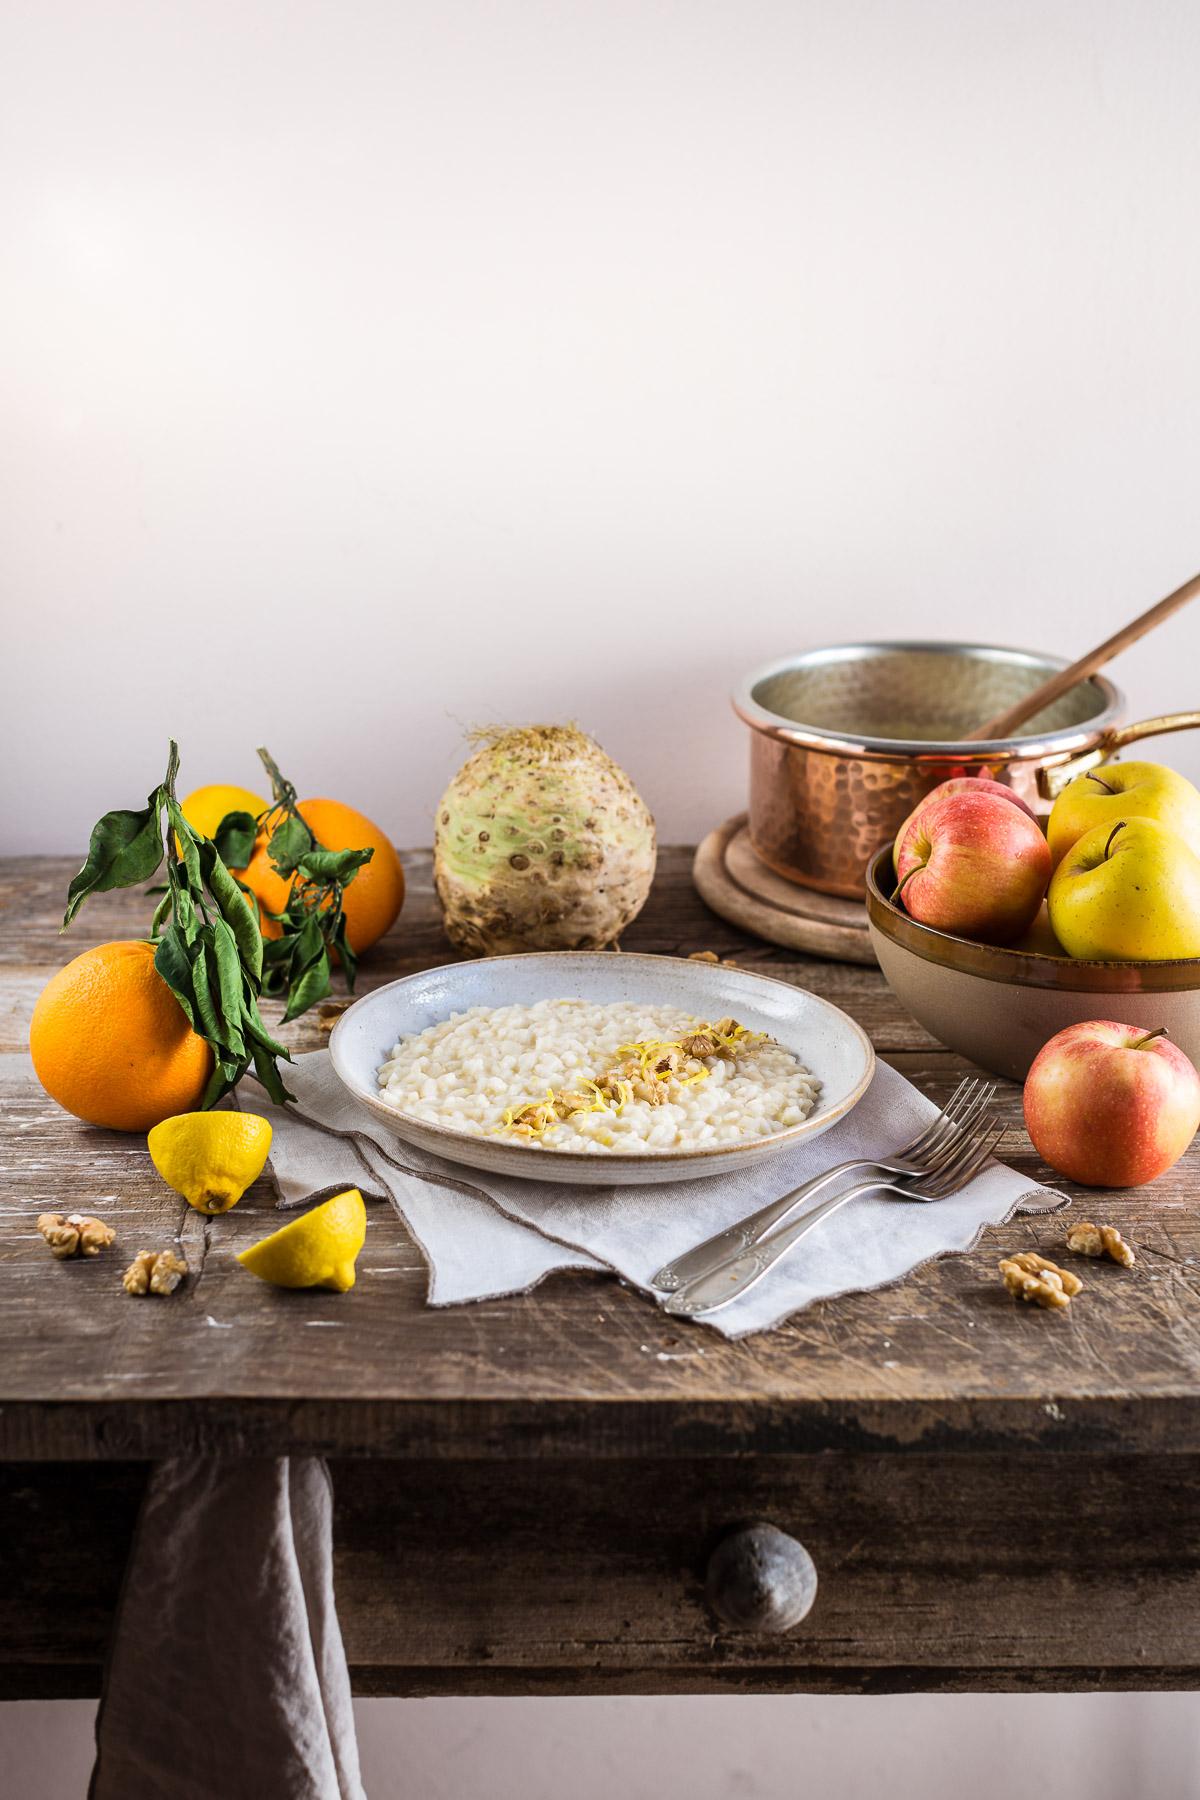 Vegan Waldorf Risotto glutenfree Apple Celeriac Risotto estratto di mela ricetta RISOTTO alle MELE e SEDANO RAPA con noci vegan senza glutine apple juice